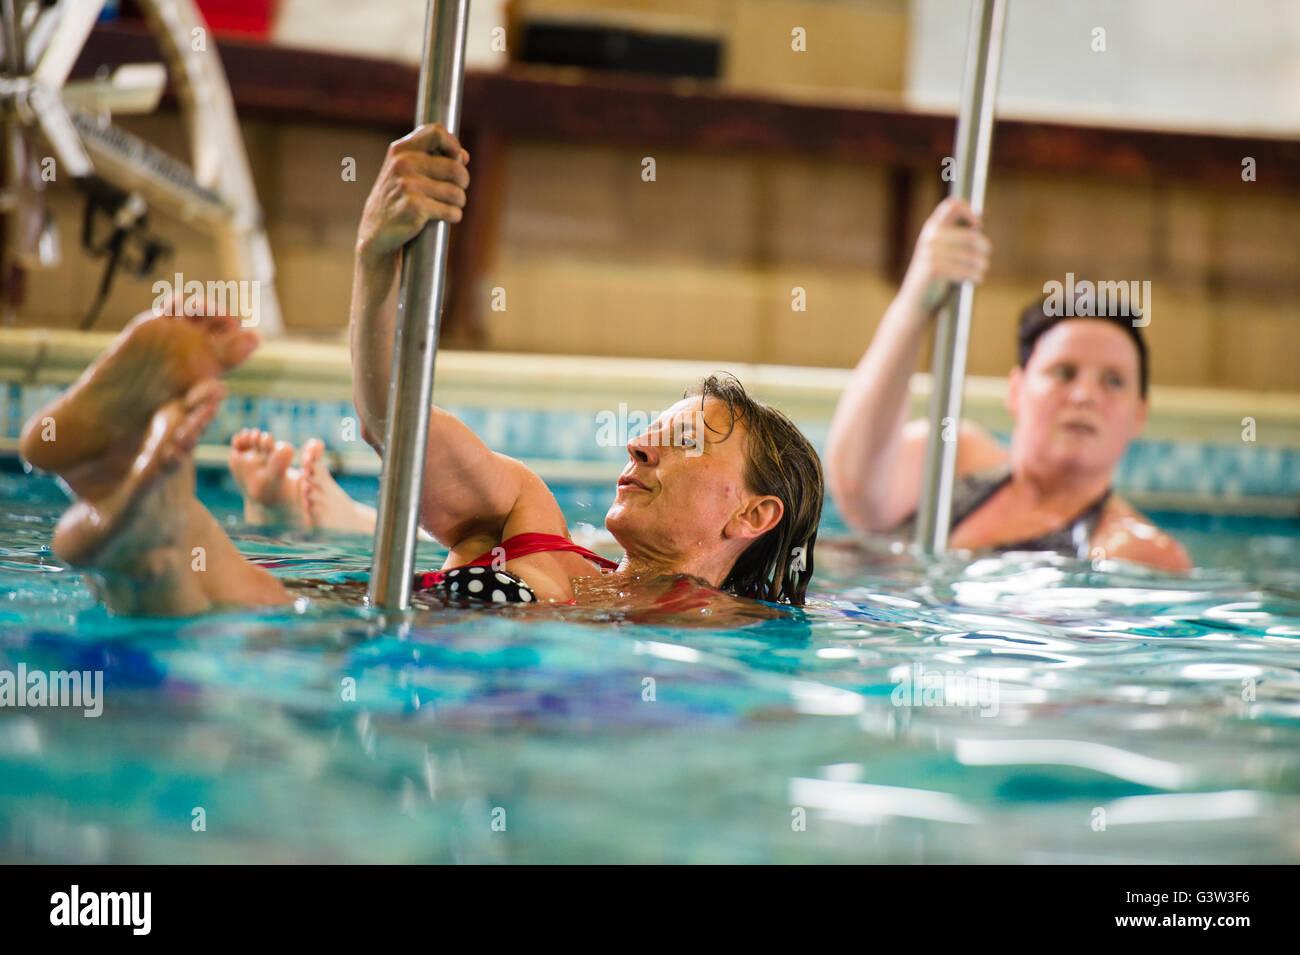 """Hydropole-Schwimmbad-Fitness-Klasse: eine Gruppe von Erwachsenen Reife alte Frauen, die Teilnahme an einem """"Hydropole""""-Pole dance Fitness-Klasse im Wasser in einem Schwimmbad, UK Stockfoto"""